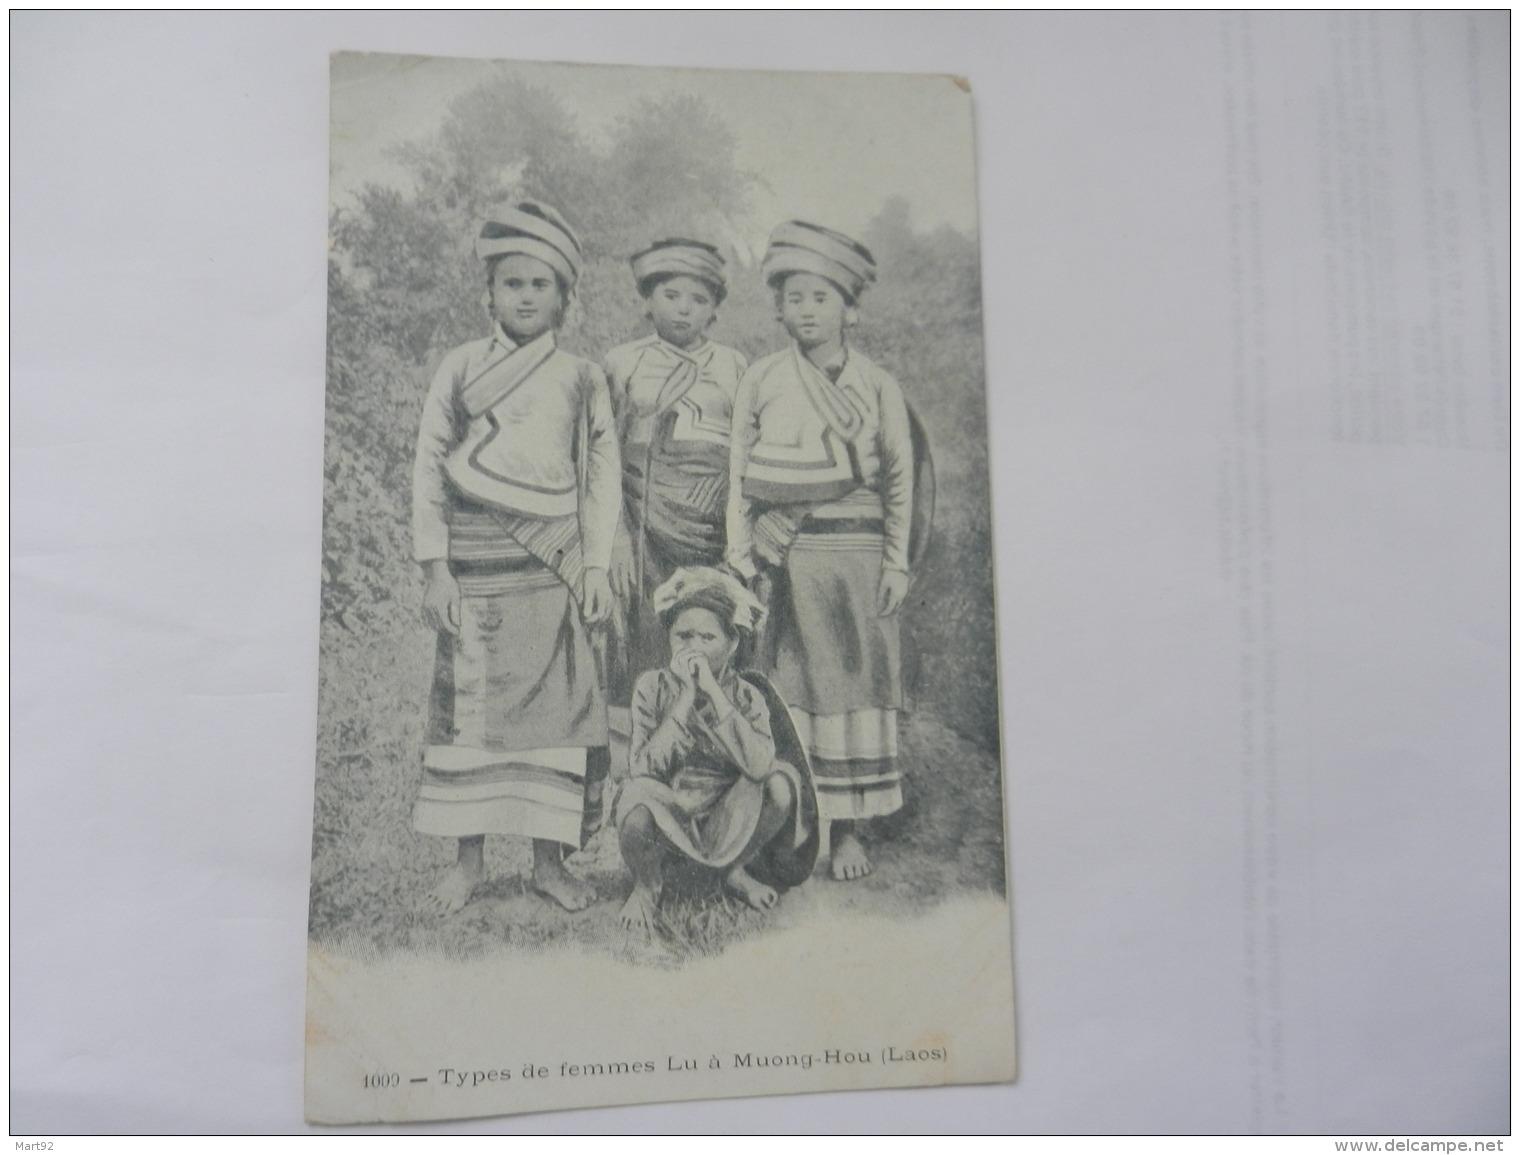 TYPES DE FEMMES LU A MUONG HOU - Laos